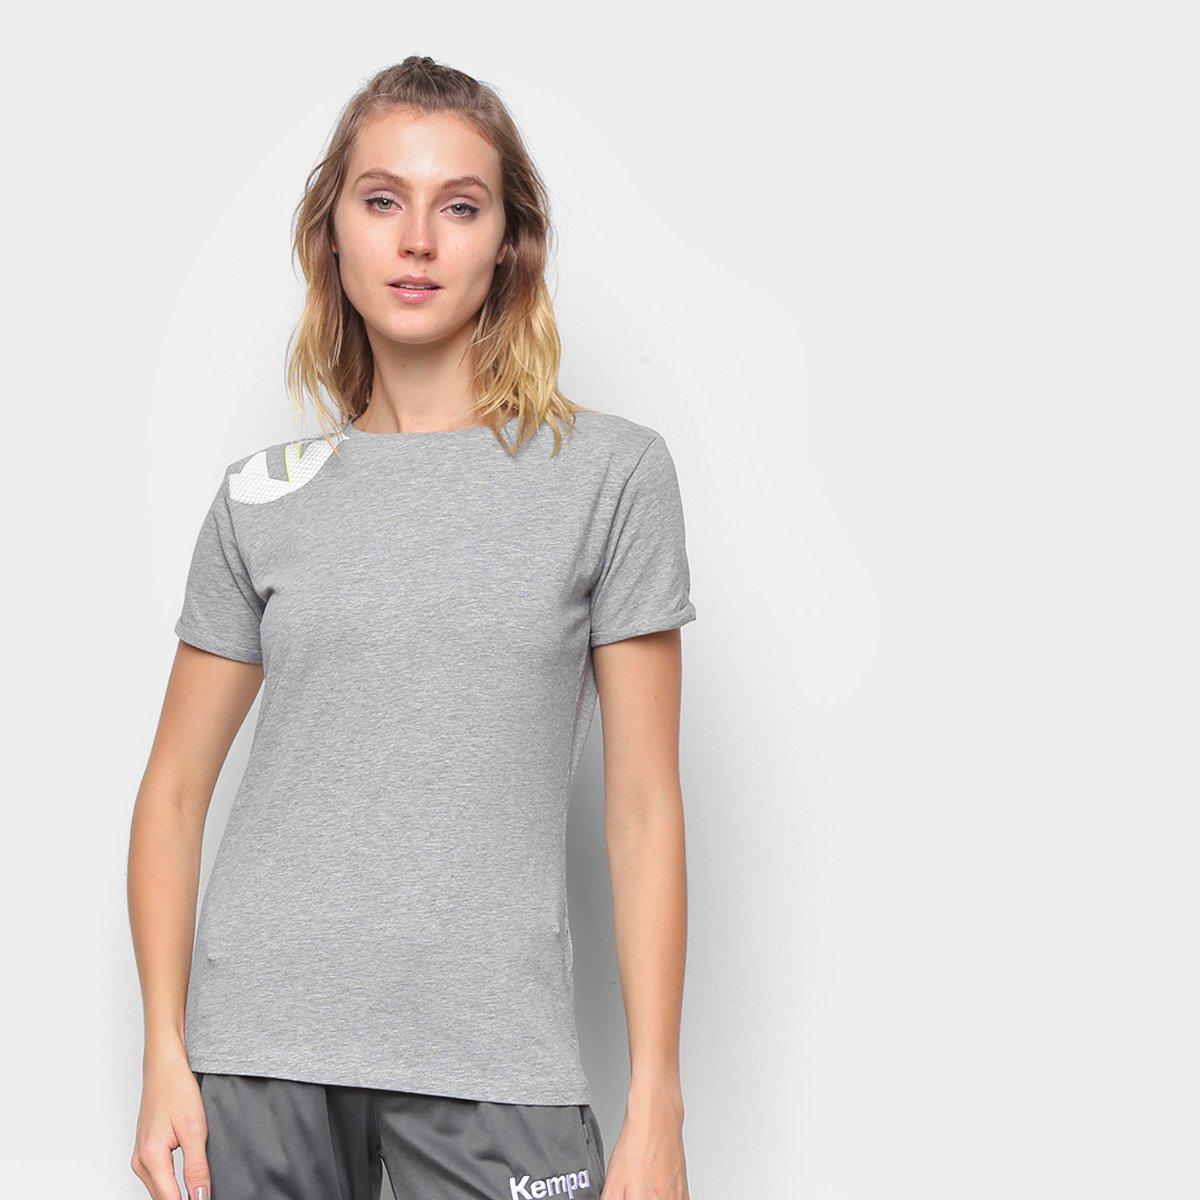 Camiseta Kempa Core 2.0 Feminina